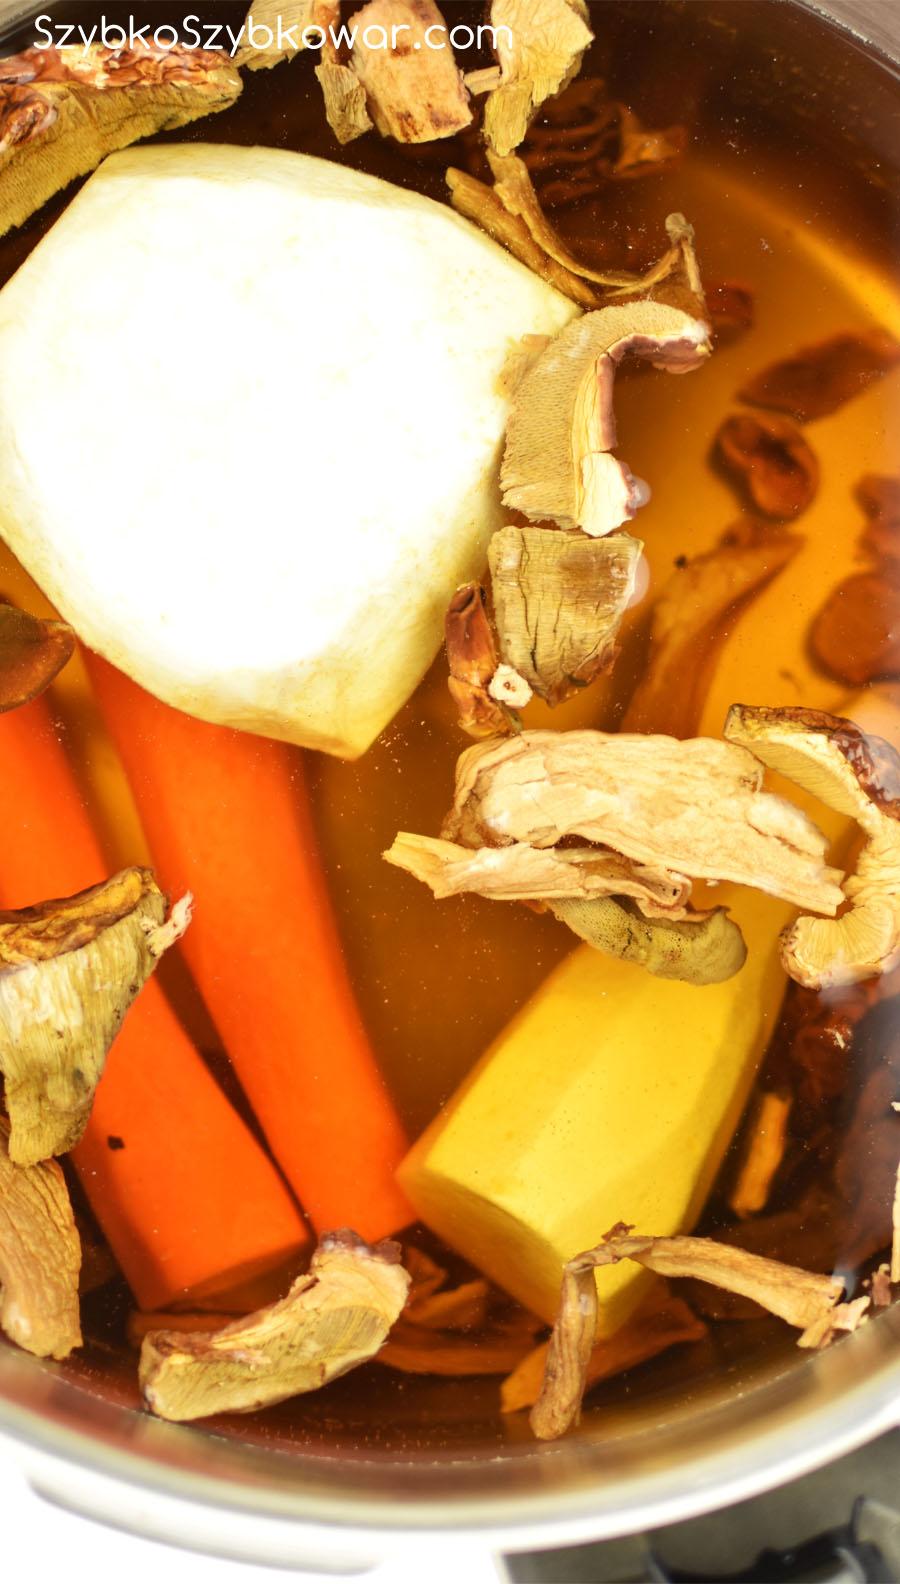 Warzywa dodane do opłukanych grzybów.